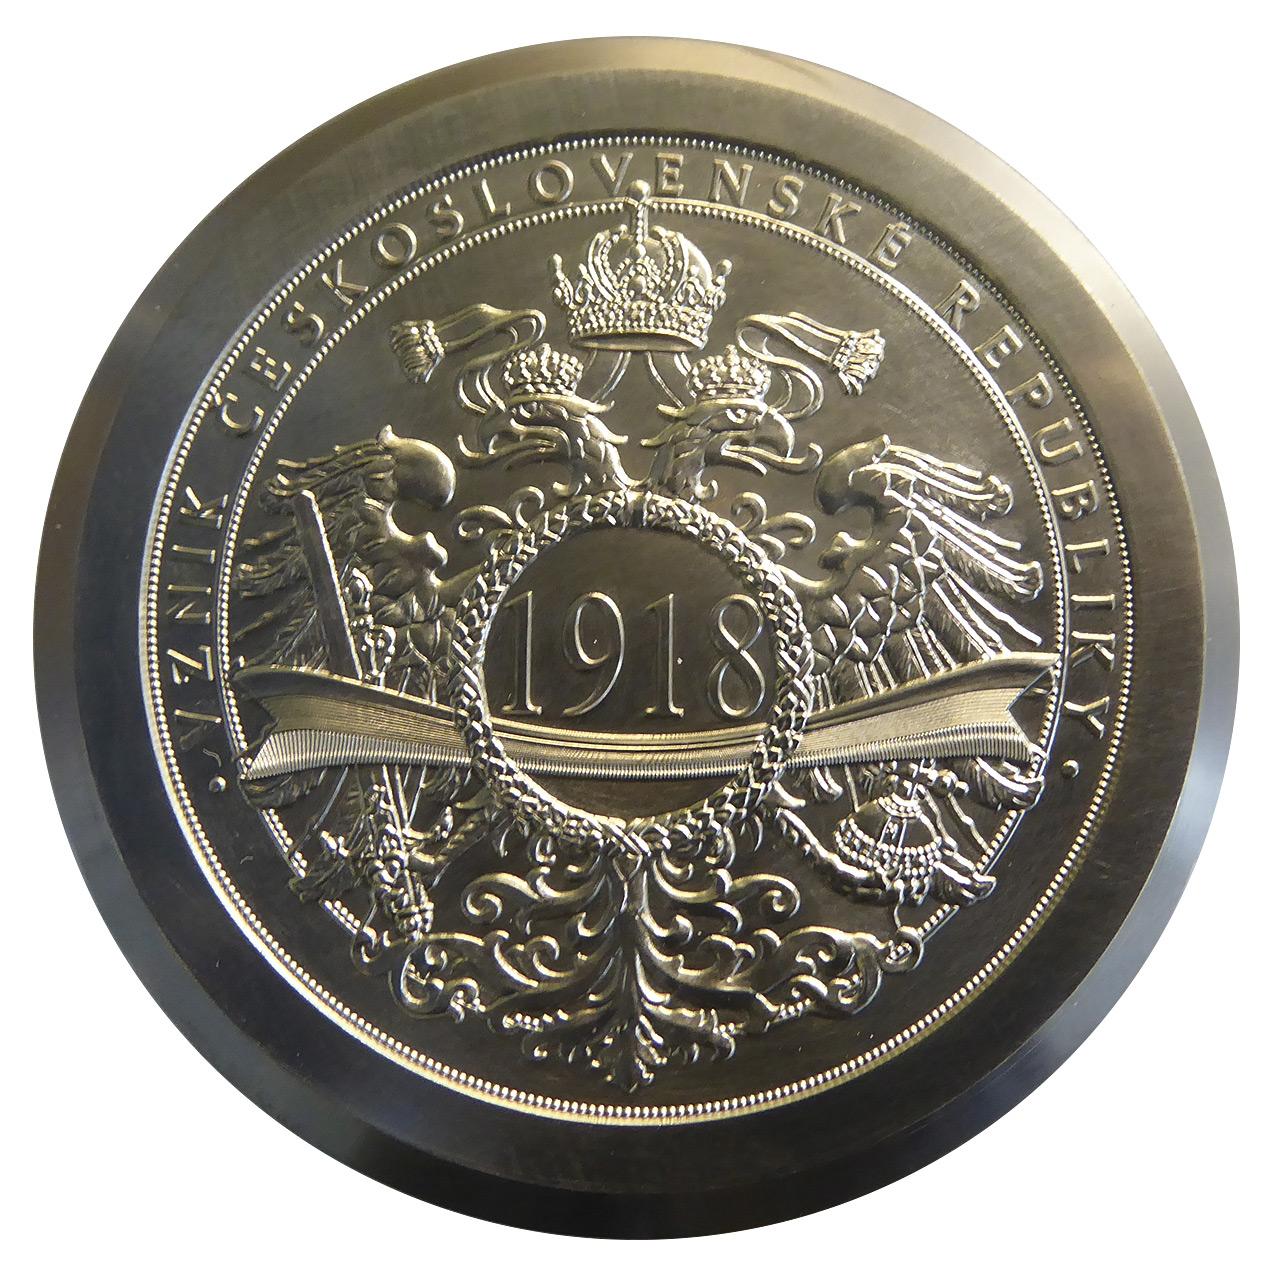 Raznice pamětní medaile Vznik československé republiky